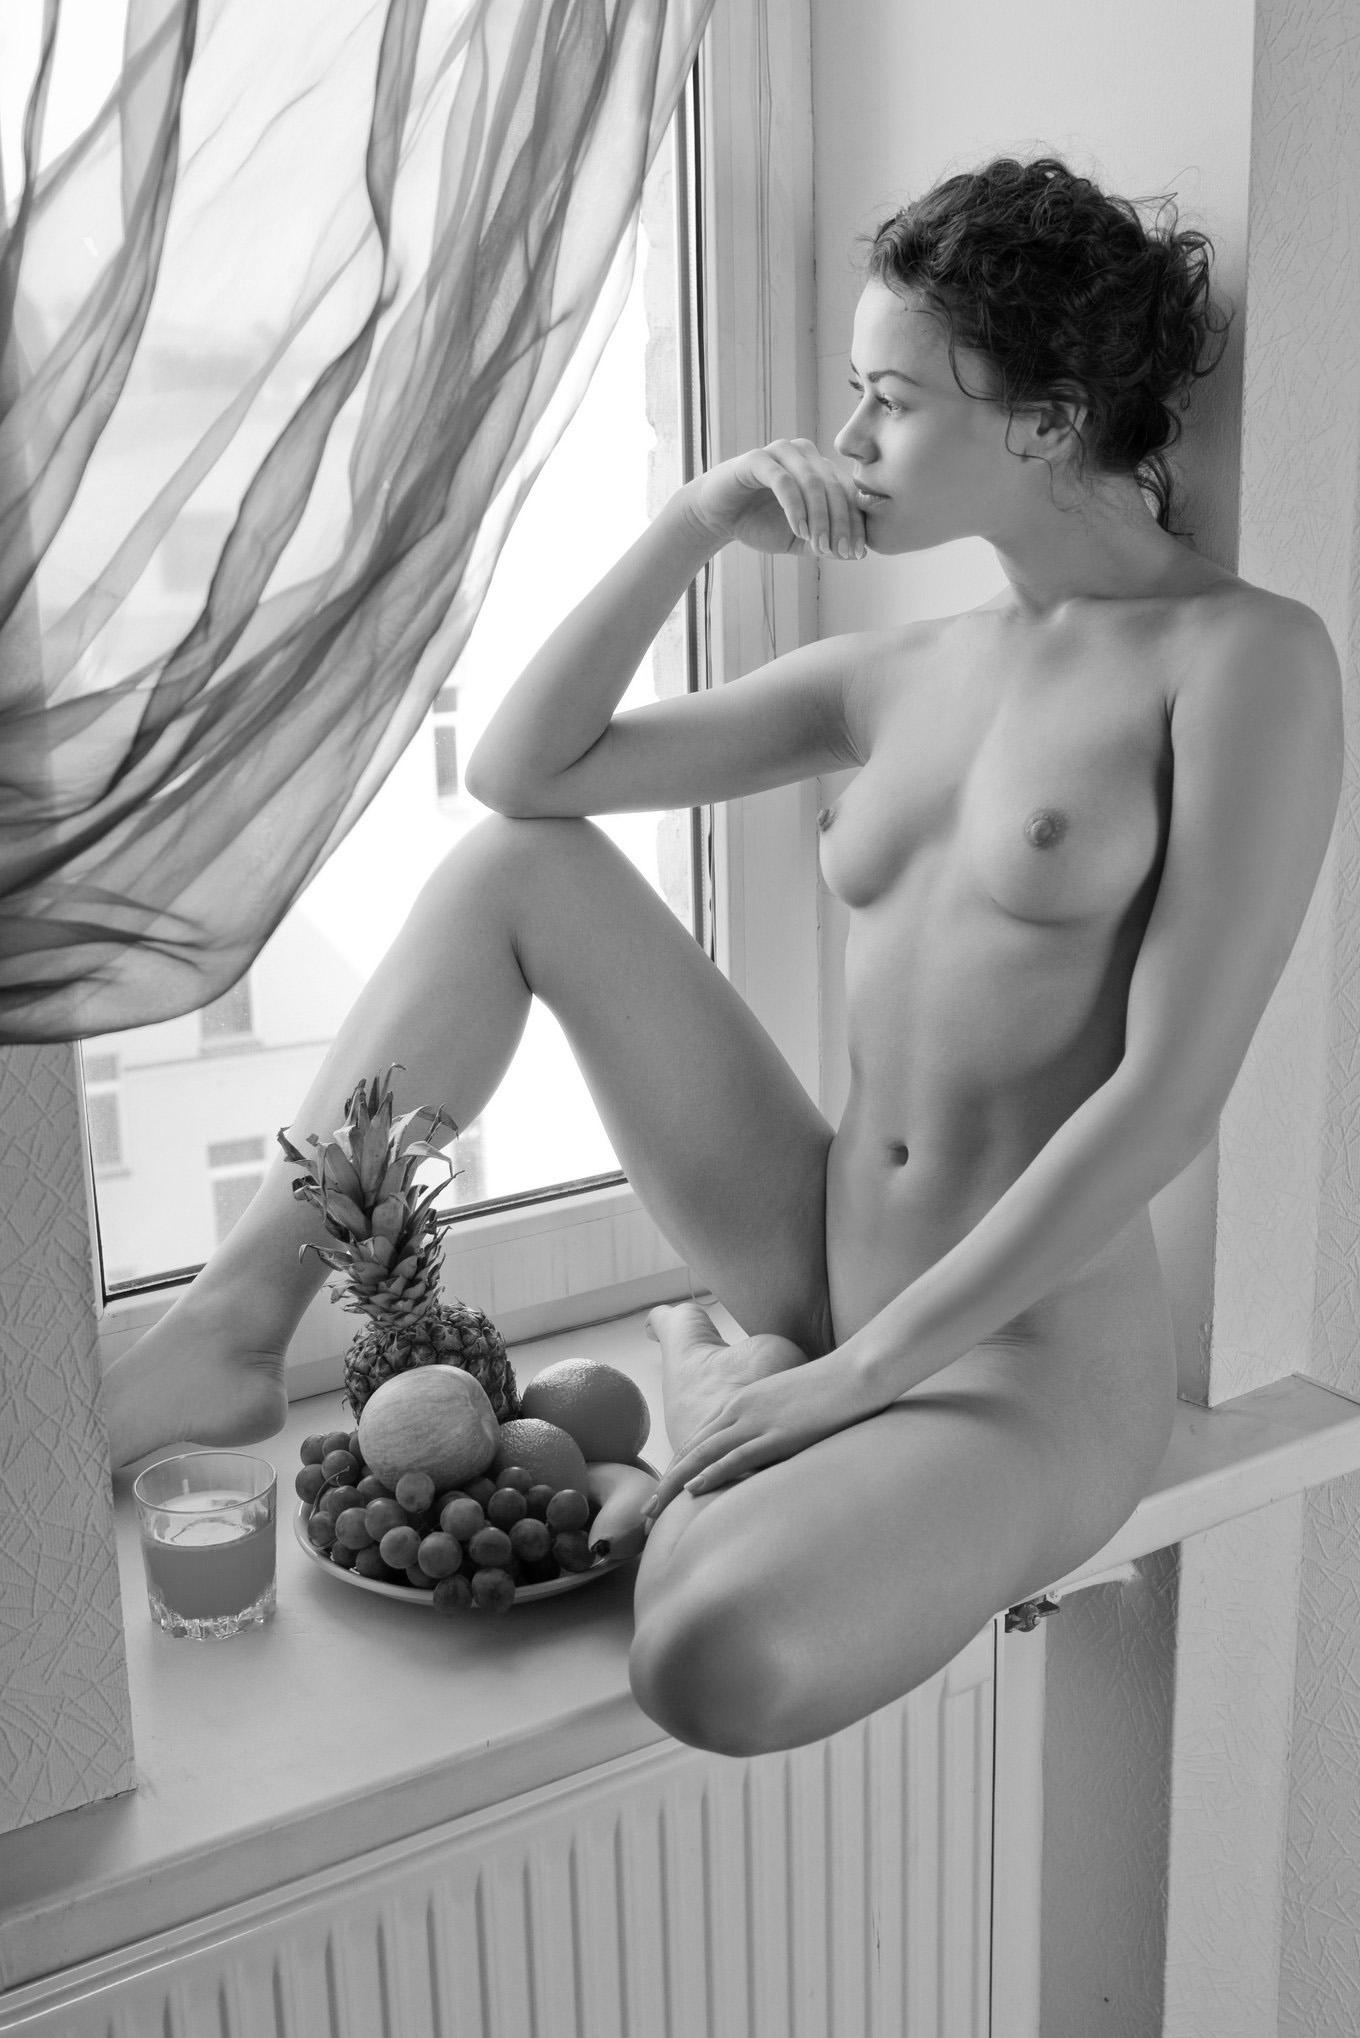 foto-erotika-v-vk